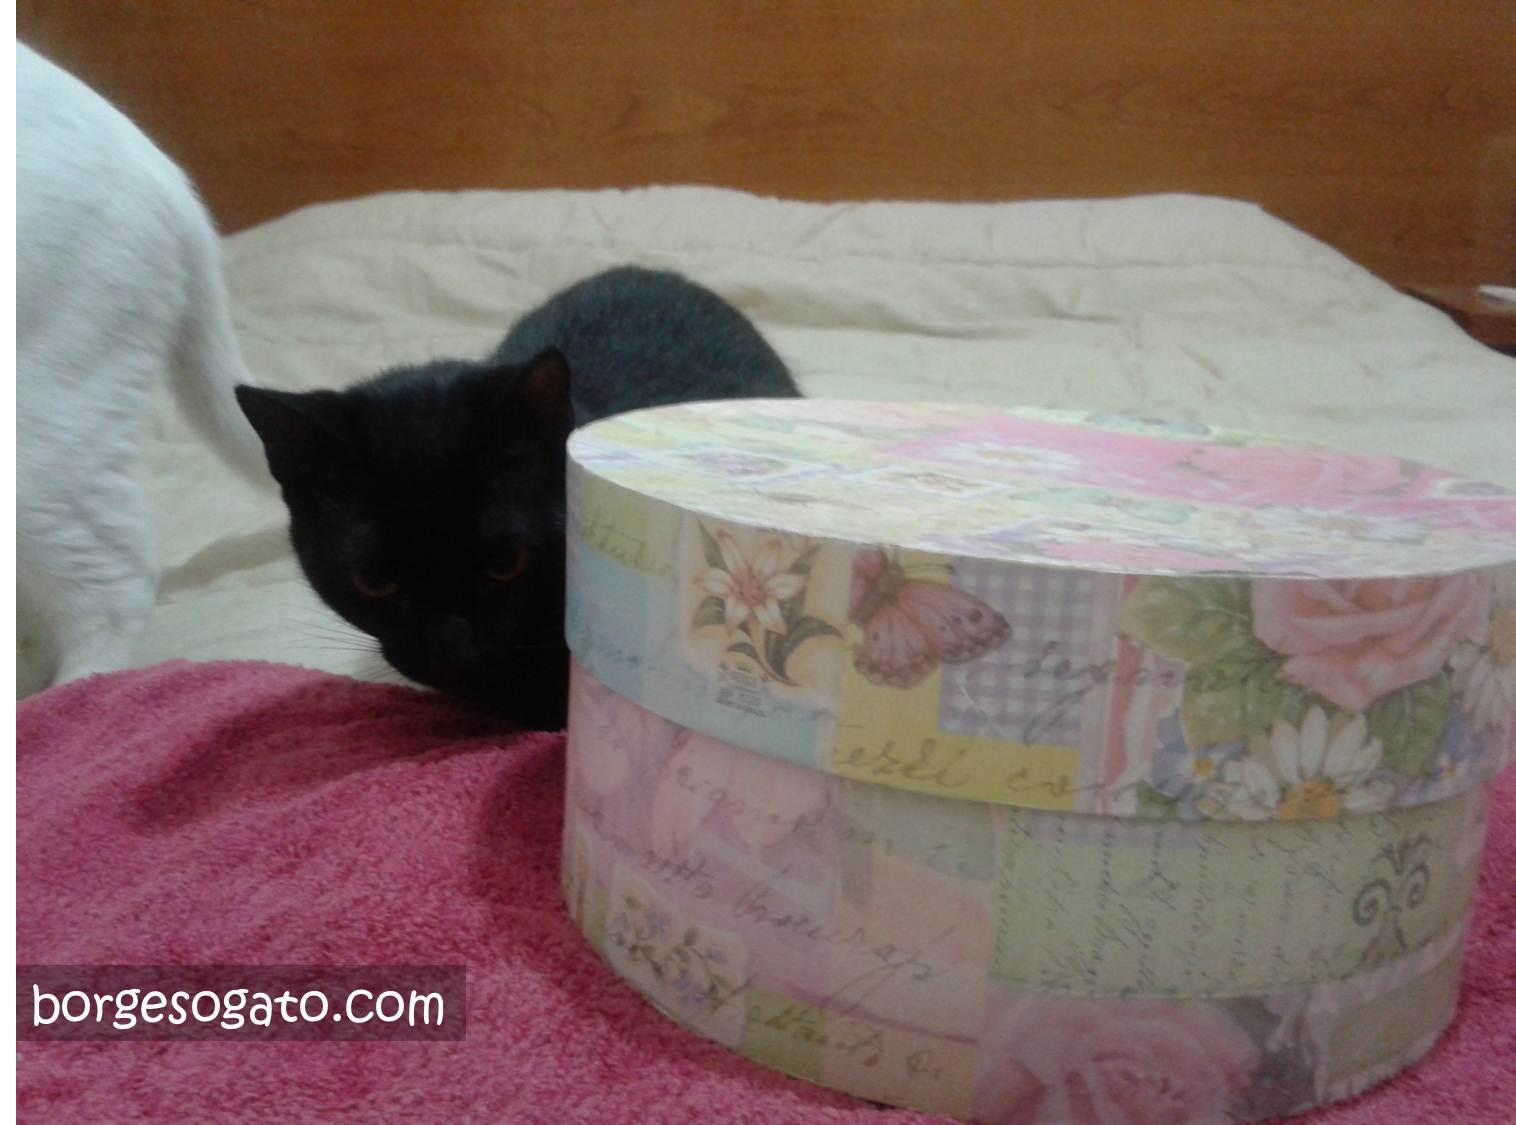 Christinha do lado da caixa dada pelo Gato Noel